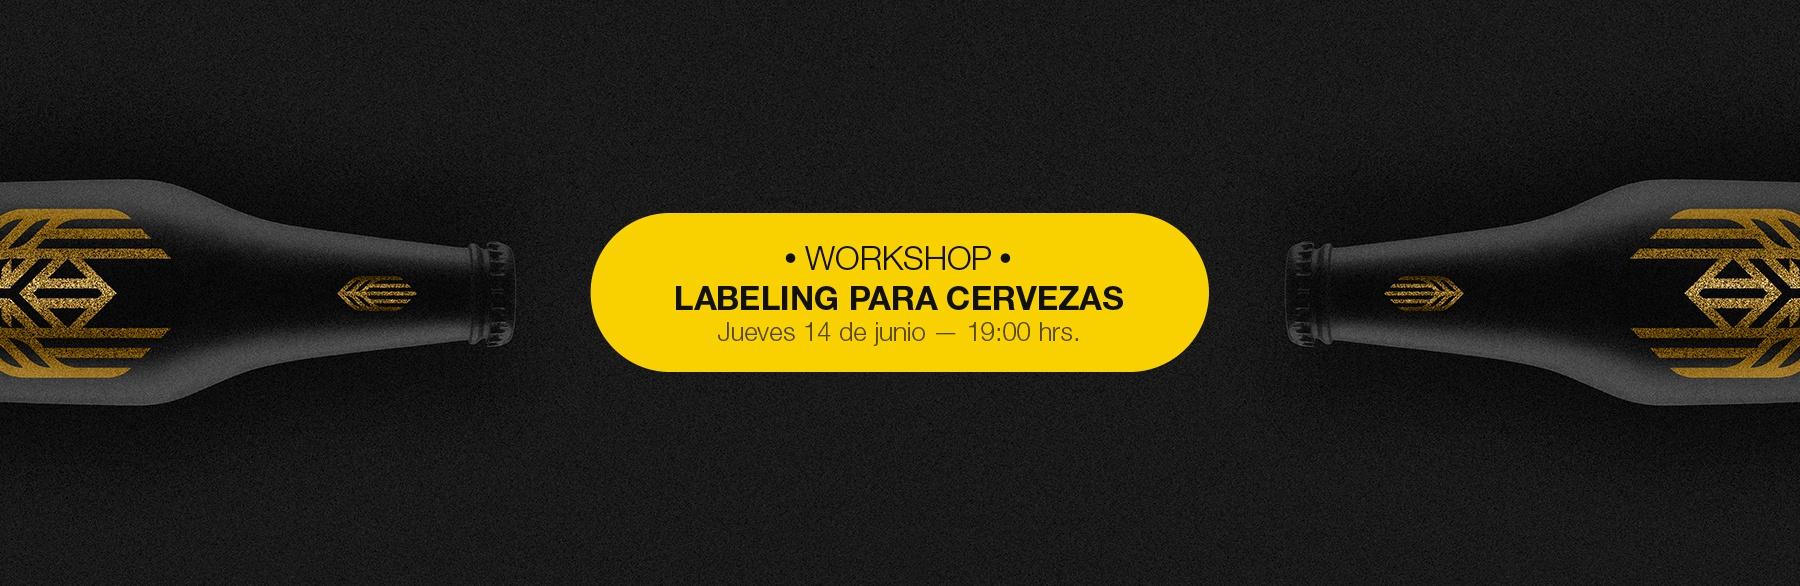 Labeling-para-cervezas-web